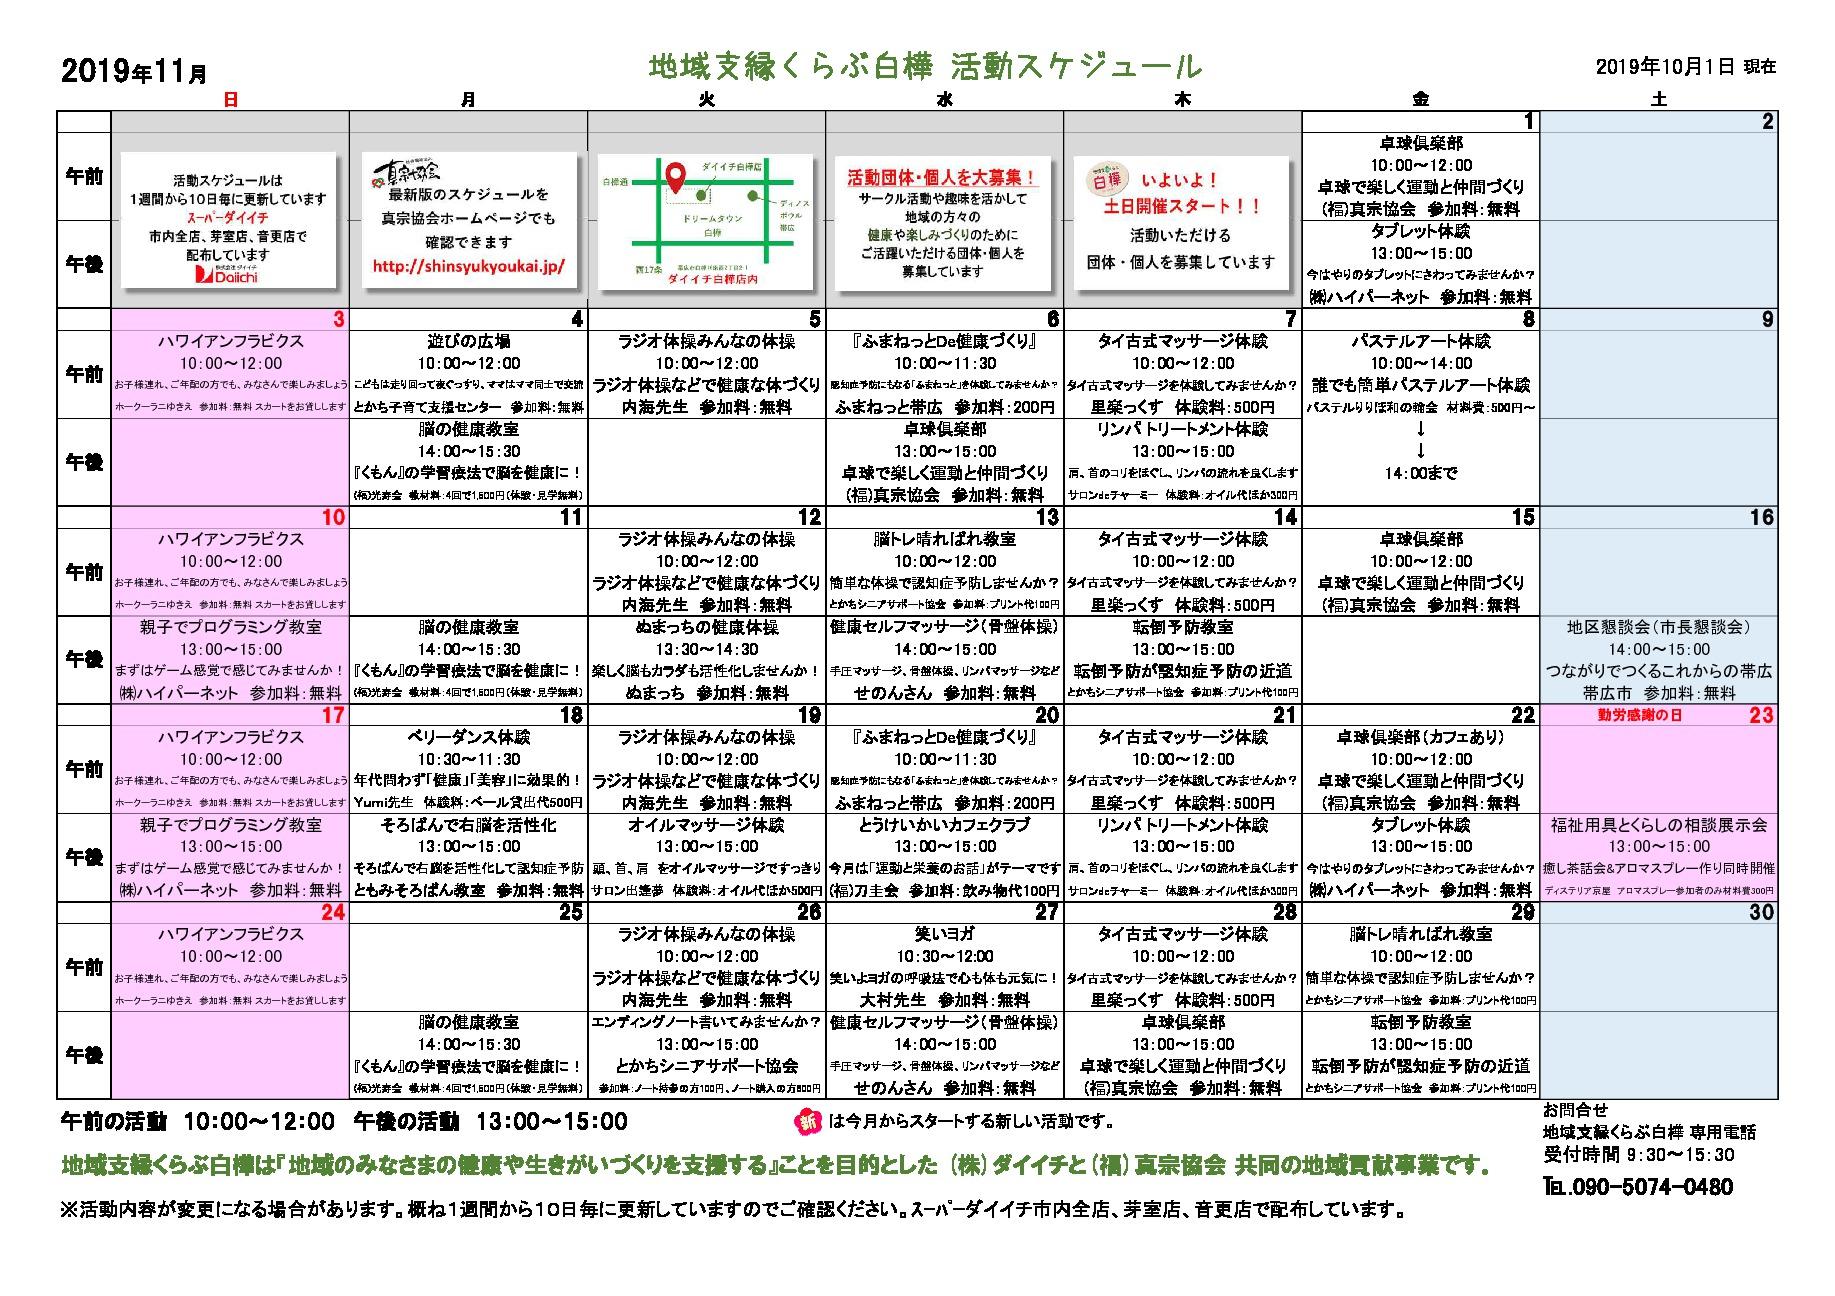 2019活動スケジュール11(2019.10.1付)のサムネイル